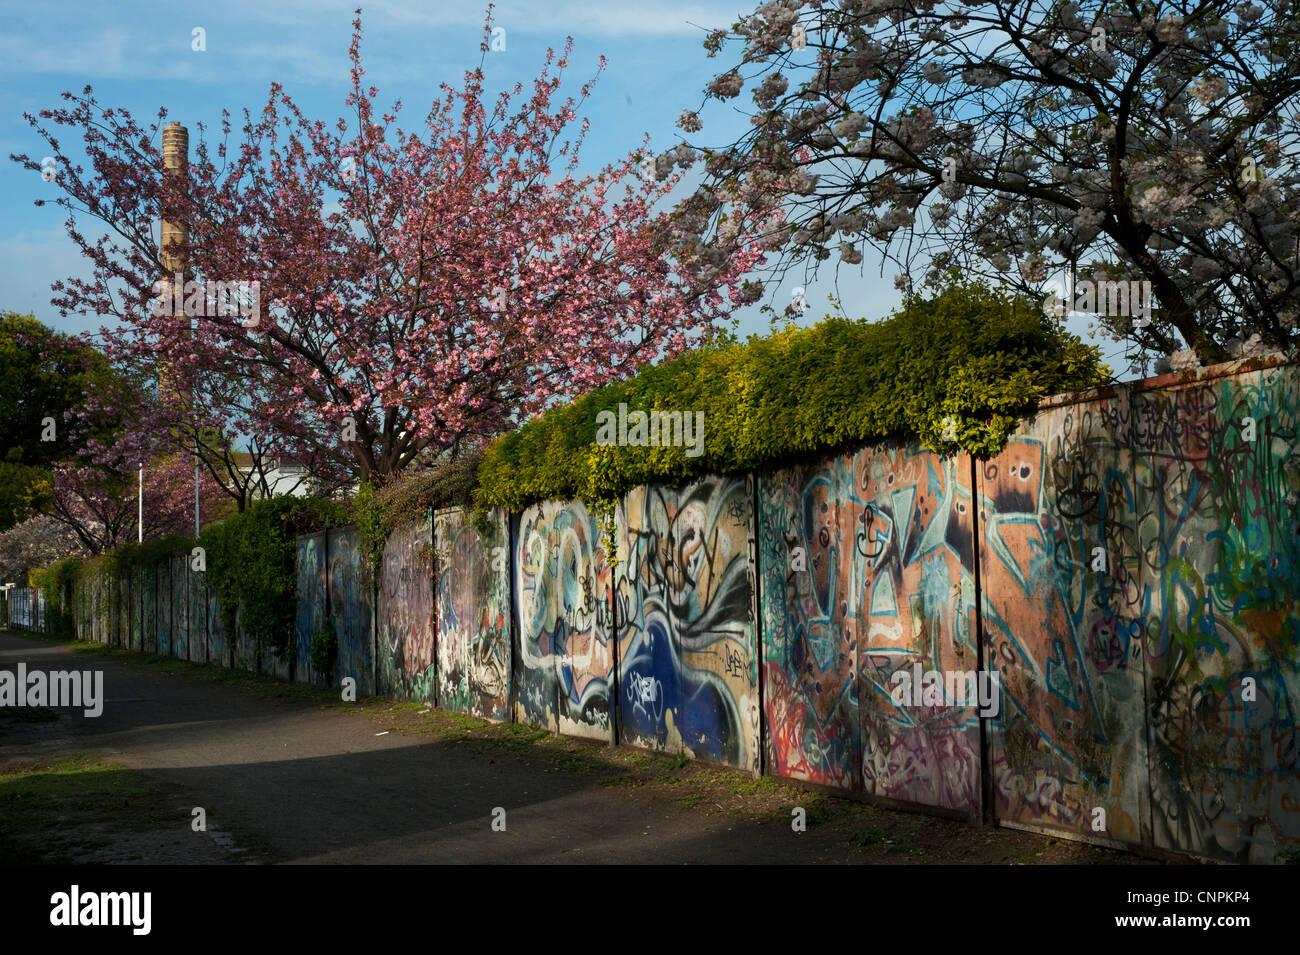 Fruhling In Berlin Neukolln Wand Mit Graffiti Und Einen Baum Mit